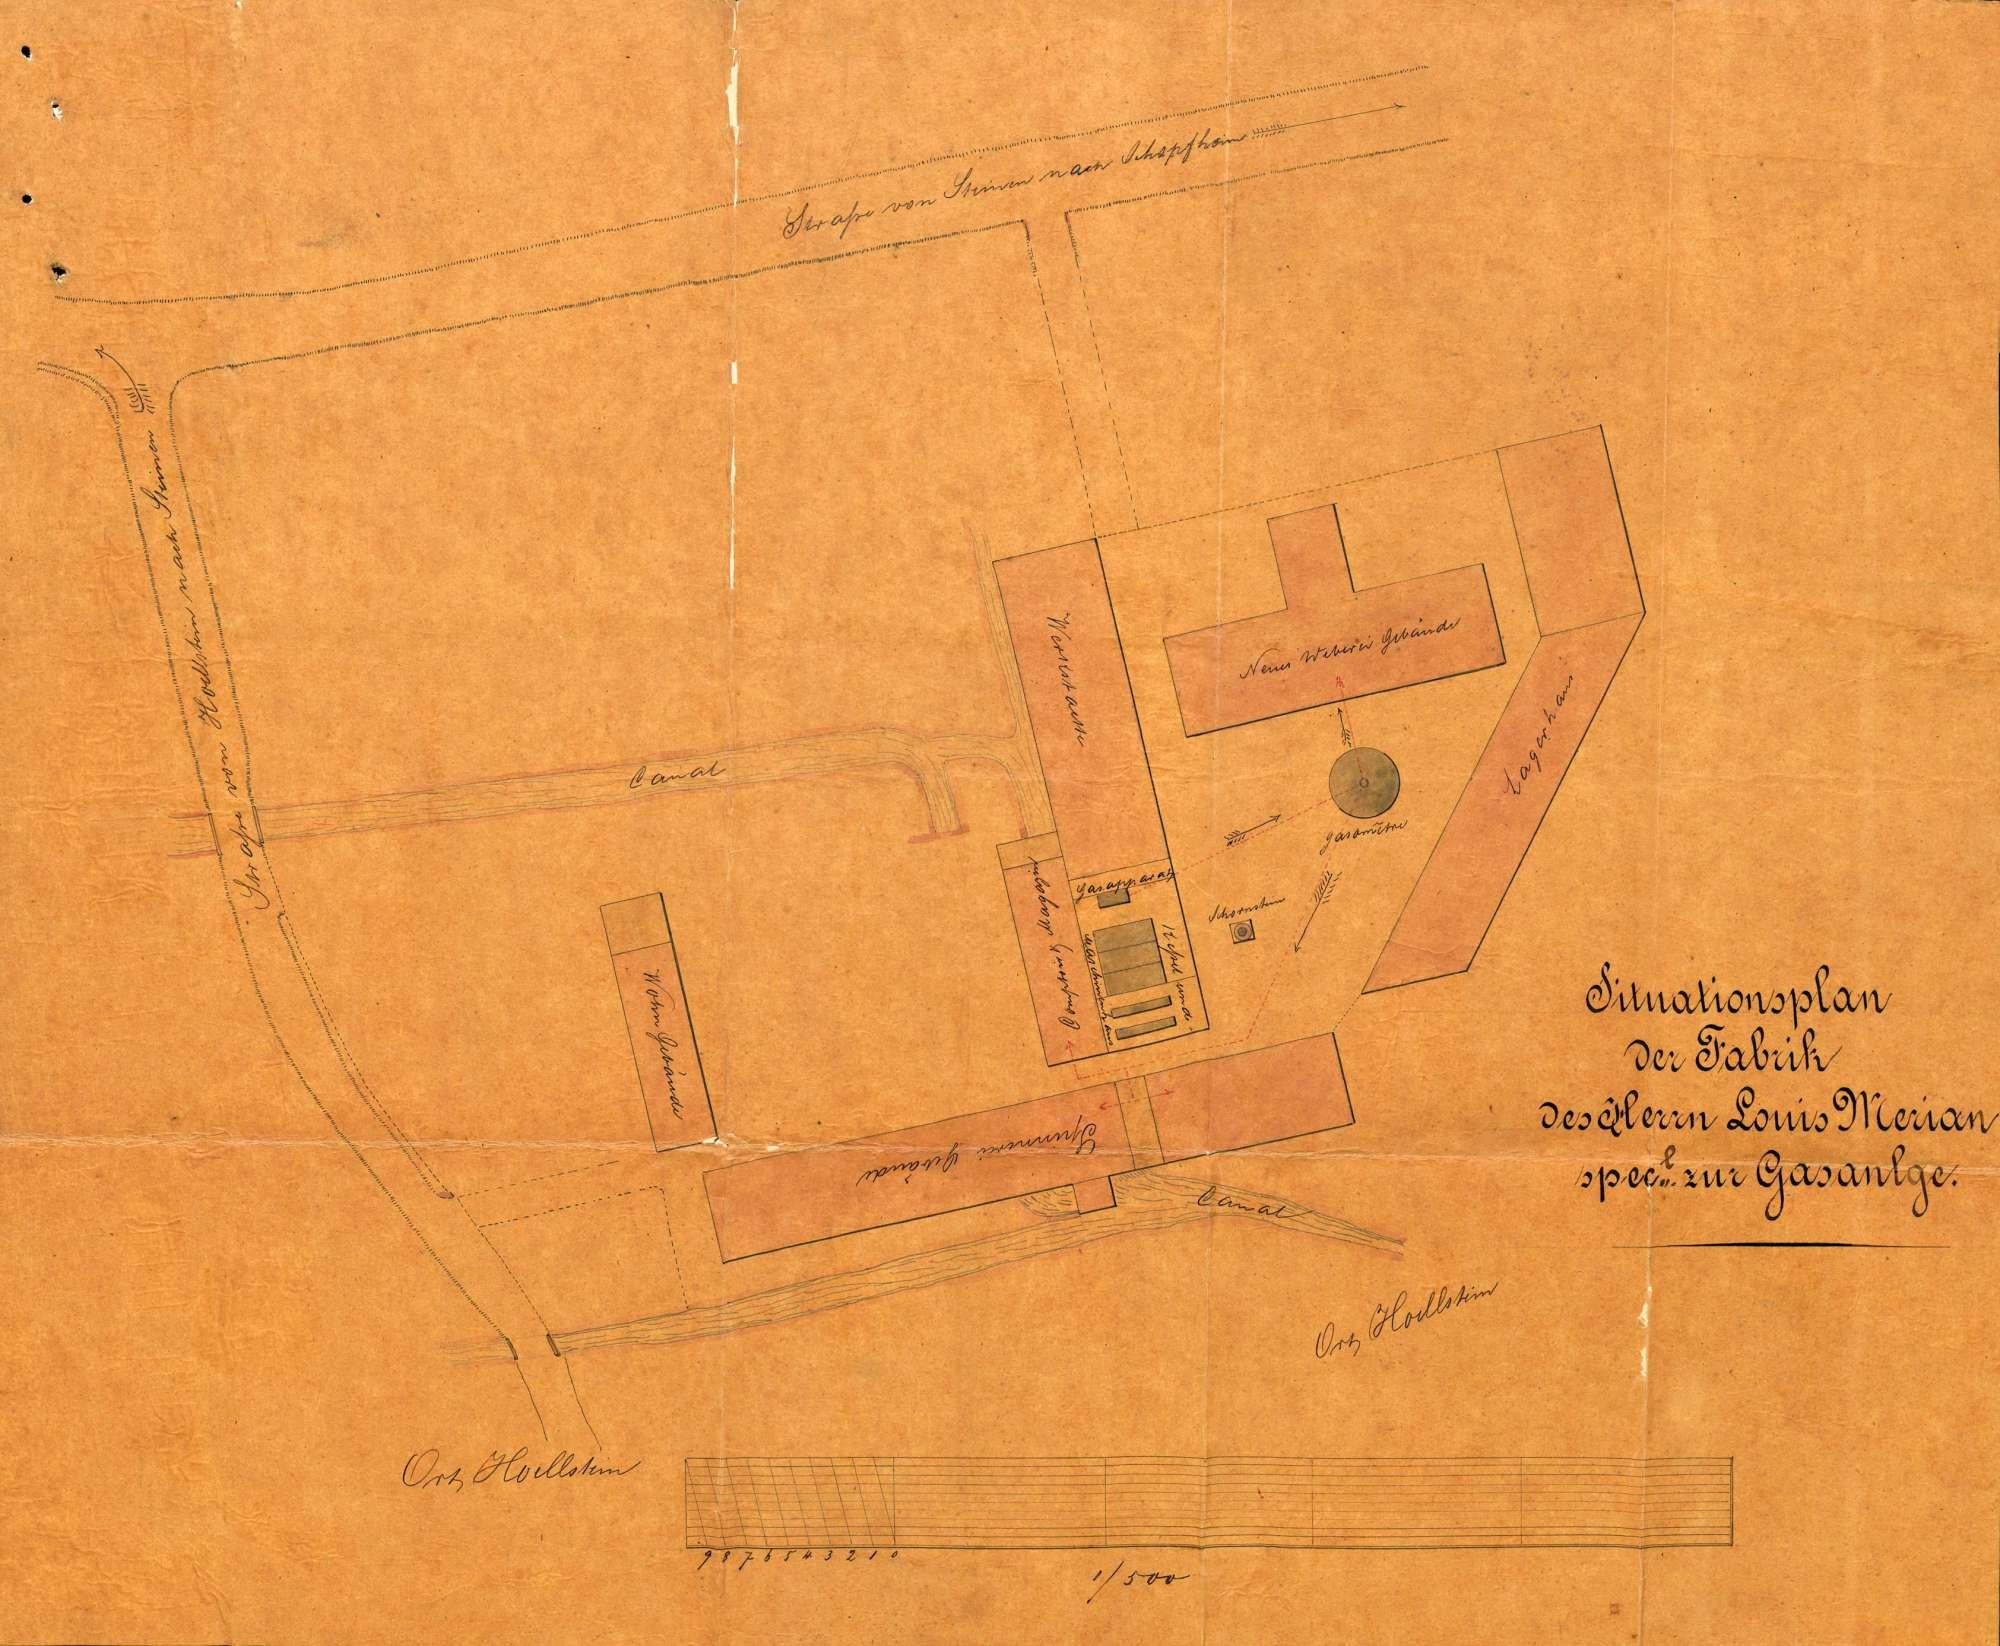 Anlage einer Gasfabrik in der Maschinenfabrik des Louis Merian in Höllstein, Bild 1